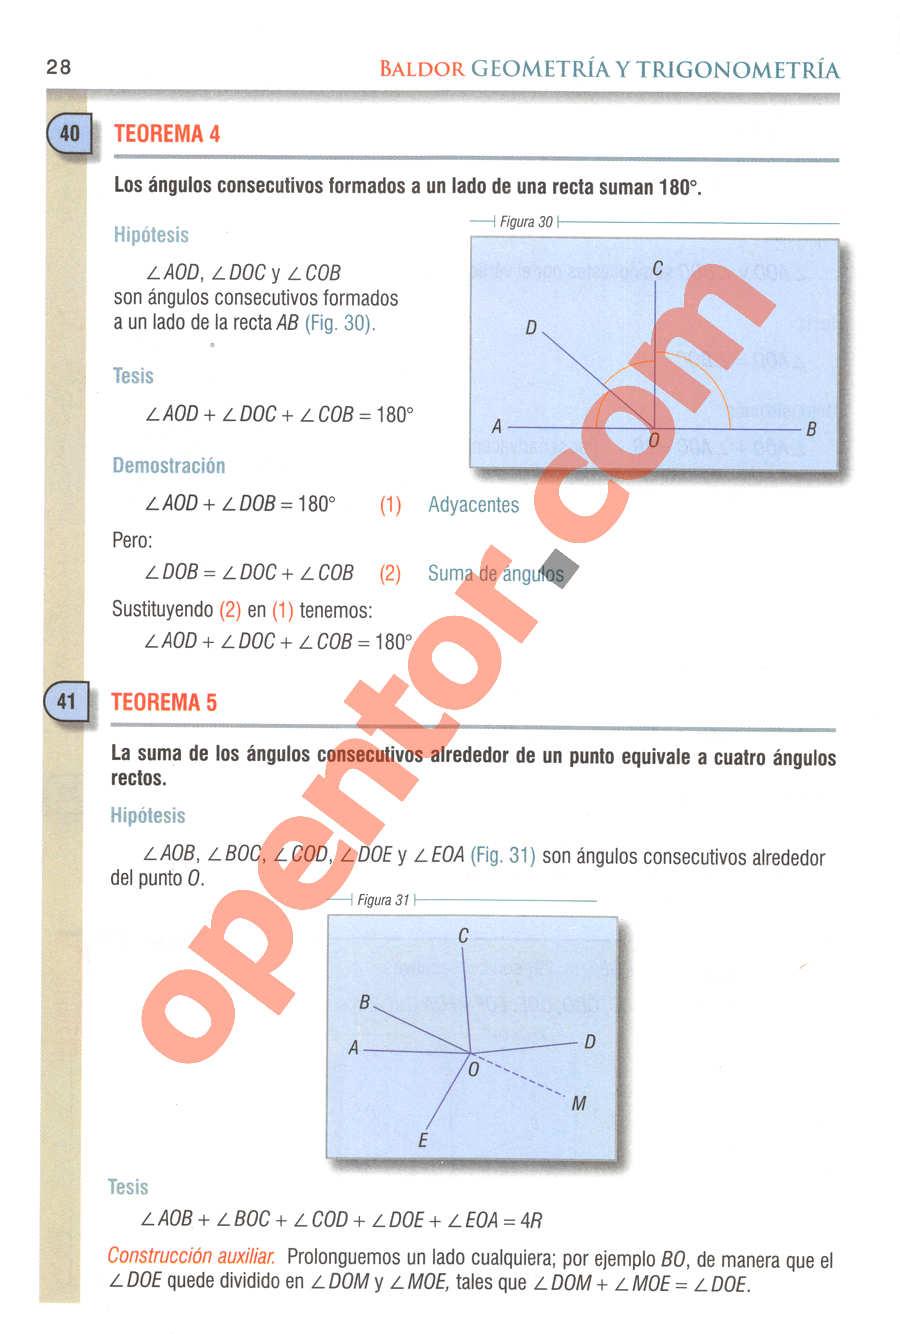 Geometría y Trigonometría de Baldor - Página 28